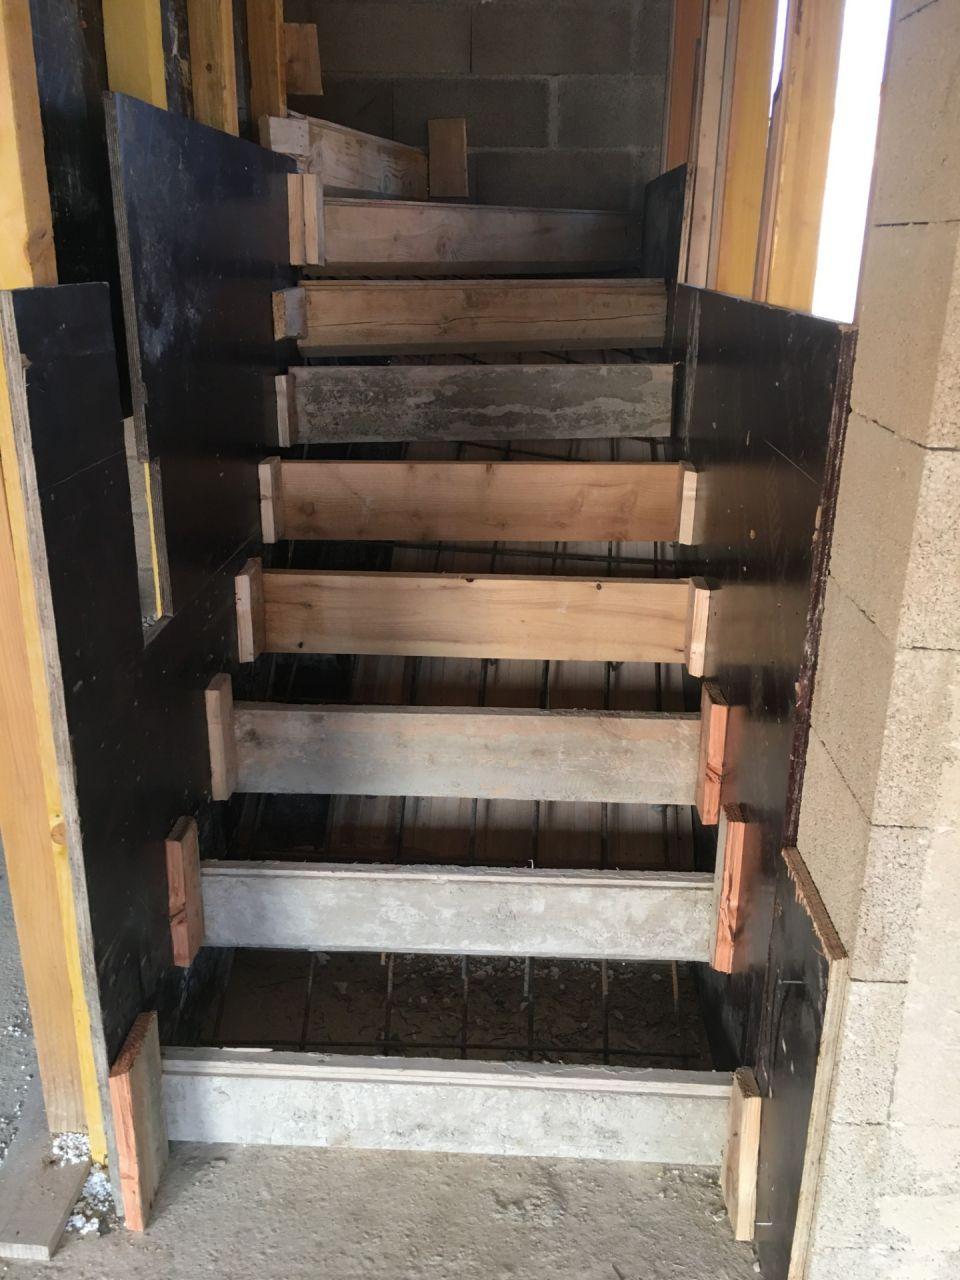 vue de face de l'escalier